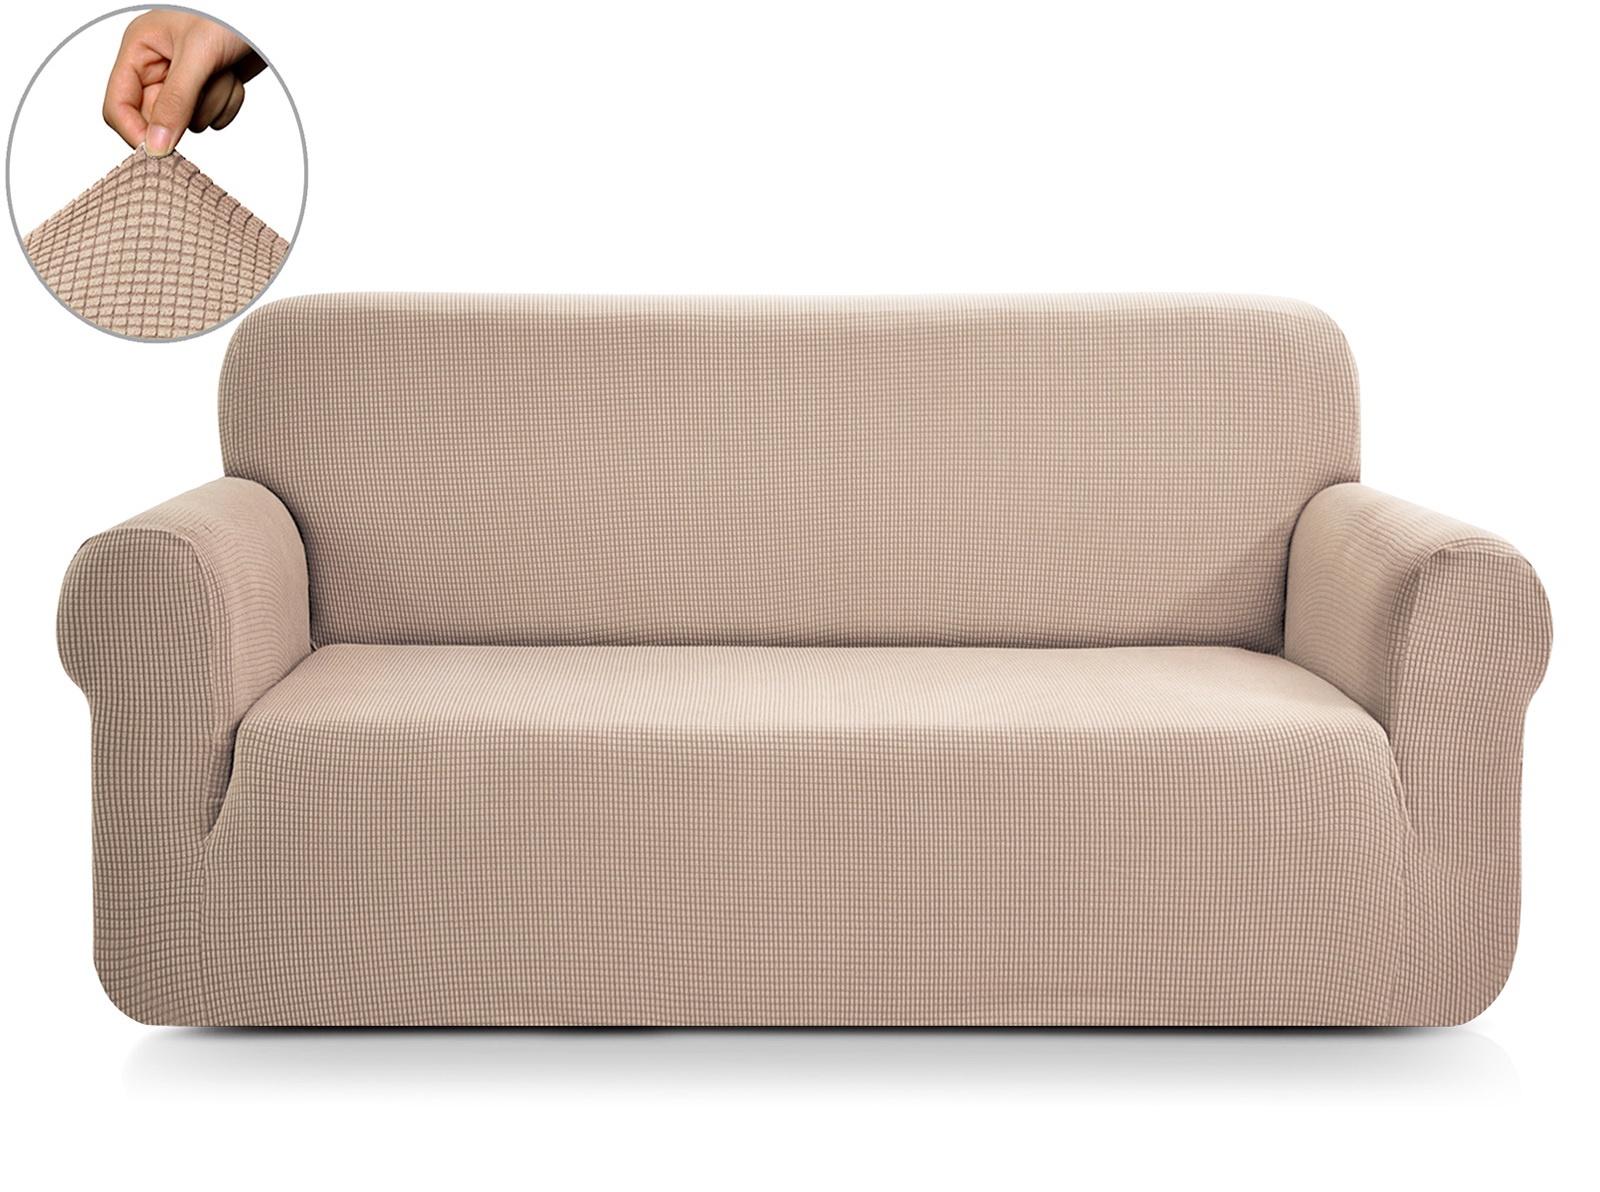 Чехол на 2-х местный диван Sofi de Marko Моника, Див-4б-р2, бежевый диван 2 х местный secret de maison бронко bronco 1193 2 х местный из натуральной кожи доступные цвета античный тёмный